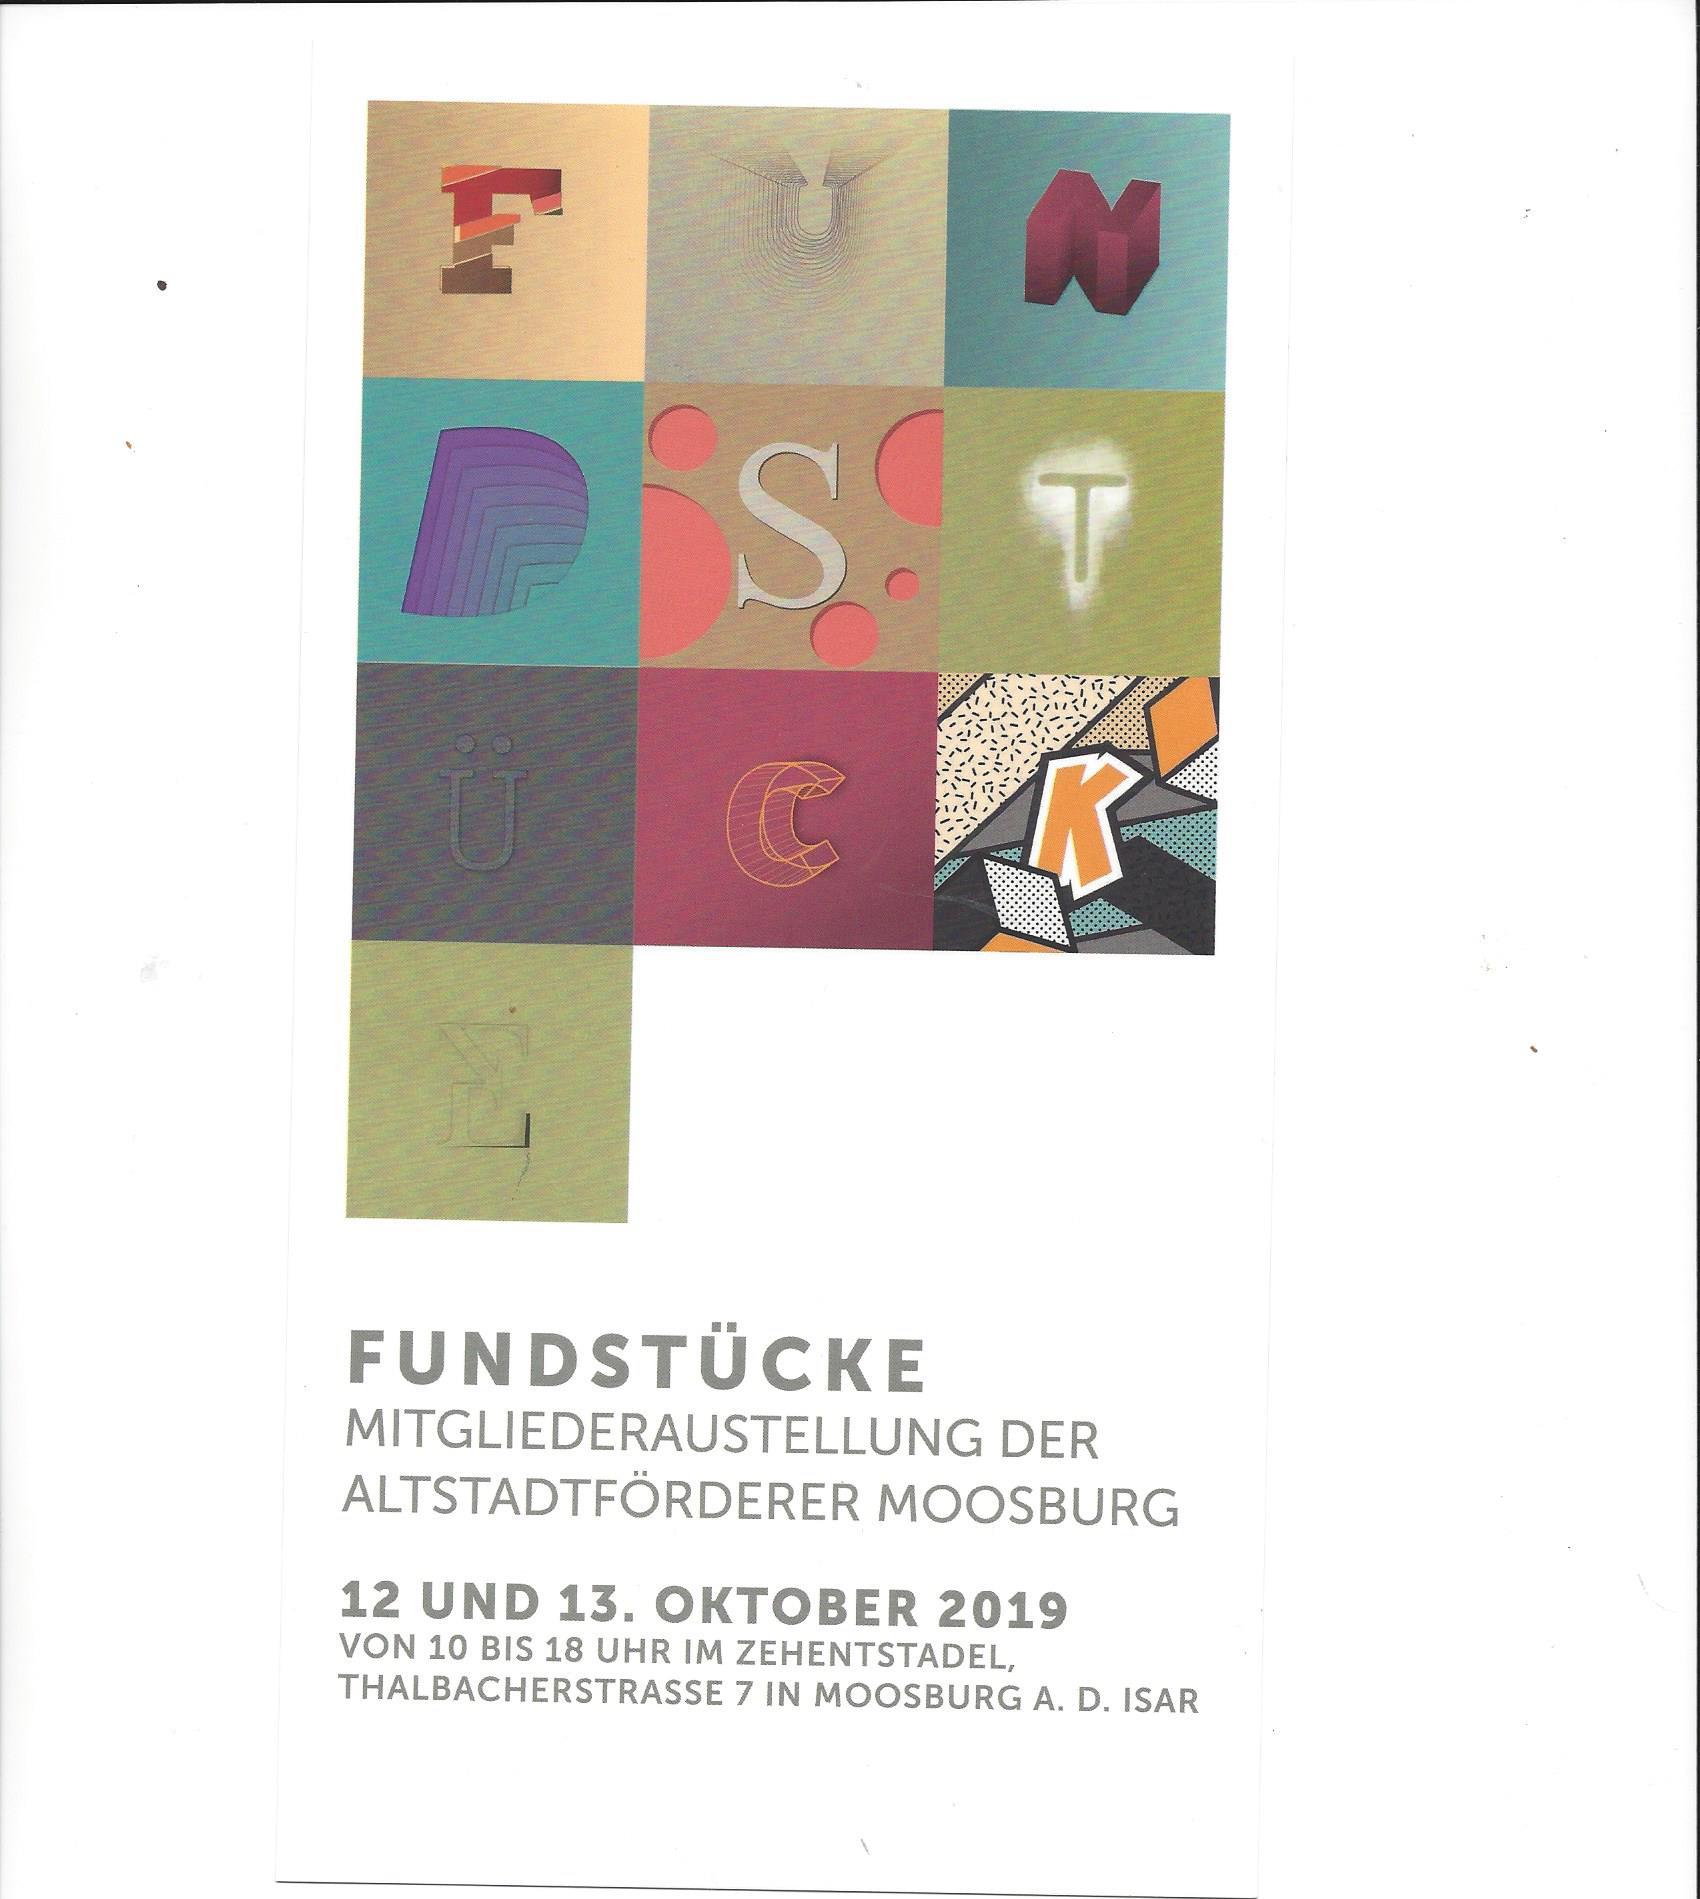 Mitgliederausstellung  der Altstadtförderer Moosburg 2019